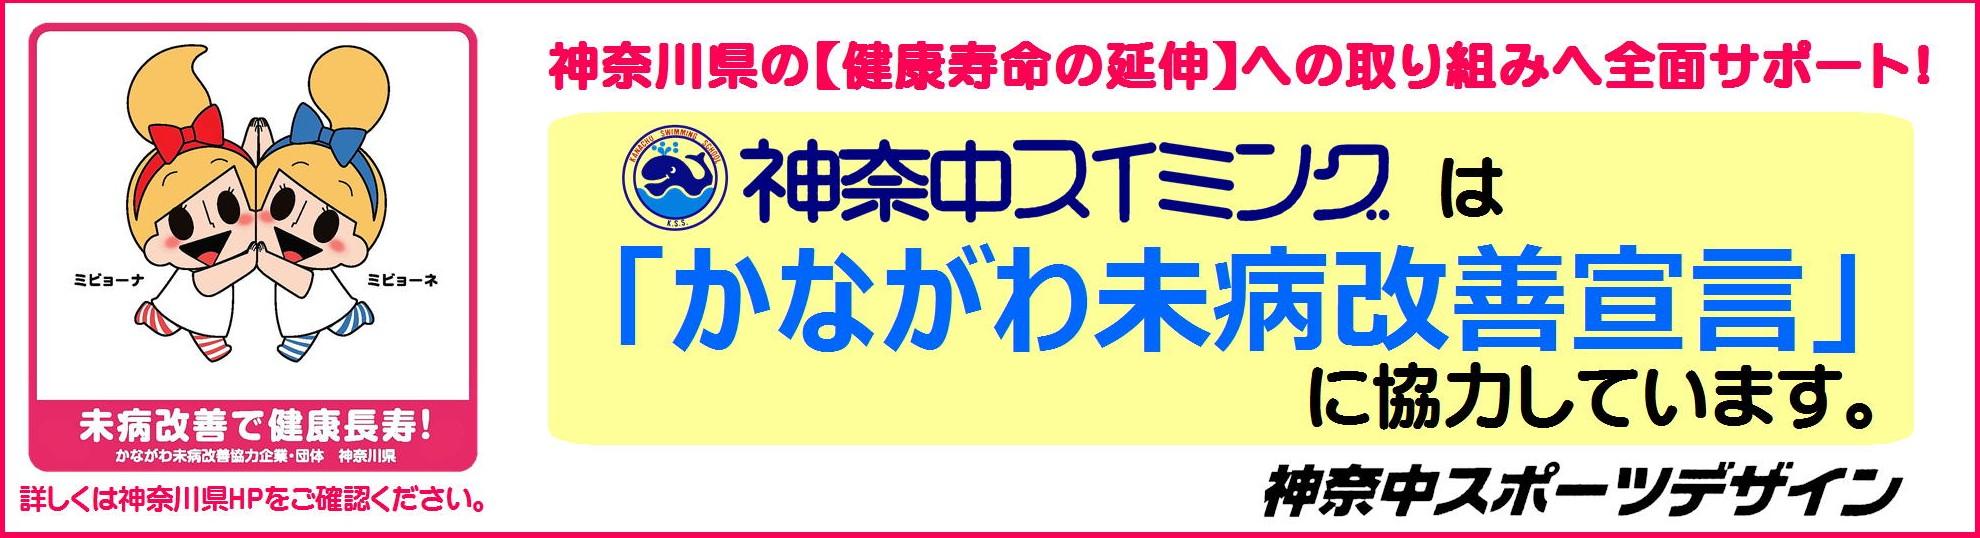 神奈中スイミングは「かながわ未病改善宣言」に協力しています。